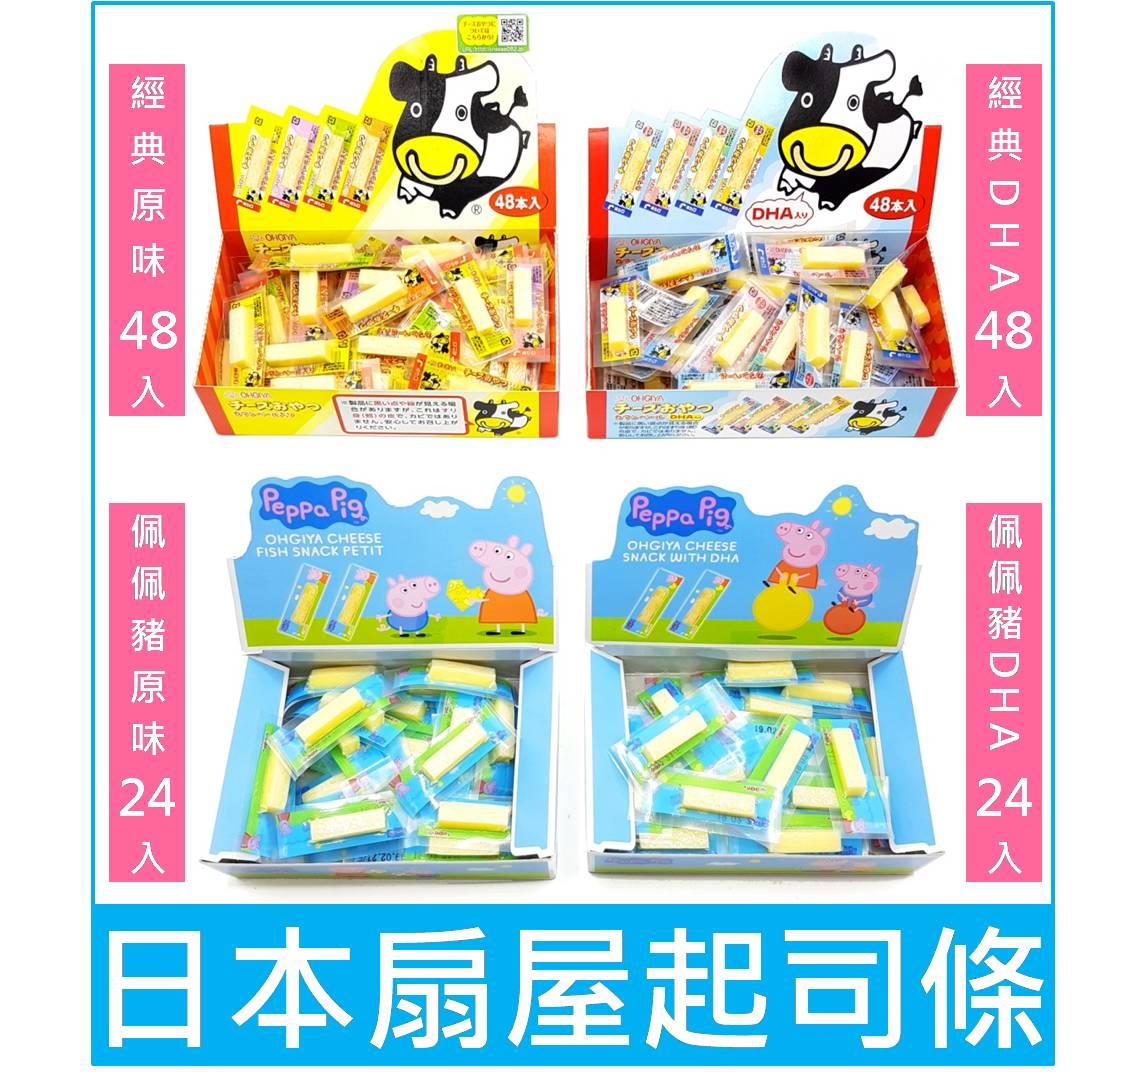 《Chara 微百貨》 日本 扇屋 起司條 鱈魚 DHA 佩佩豬 魚油 OHGIYA 芝士